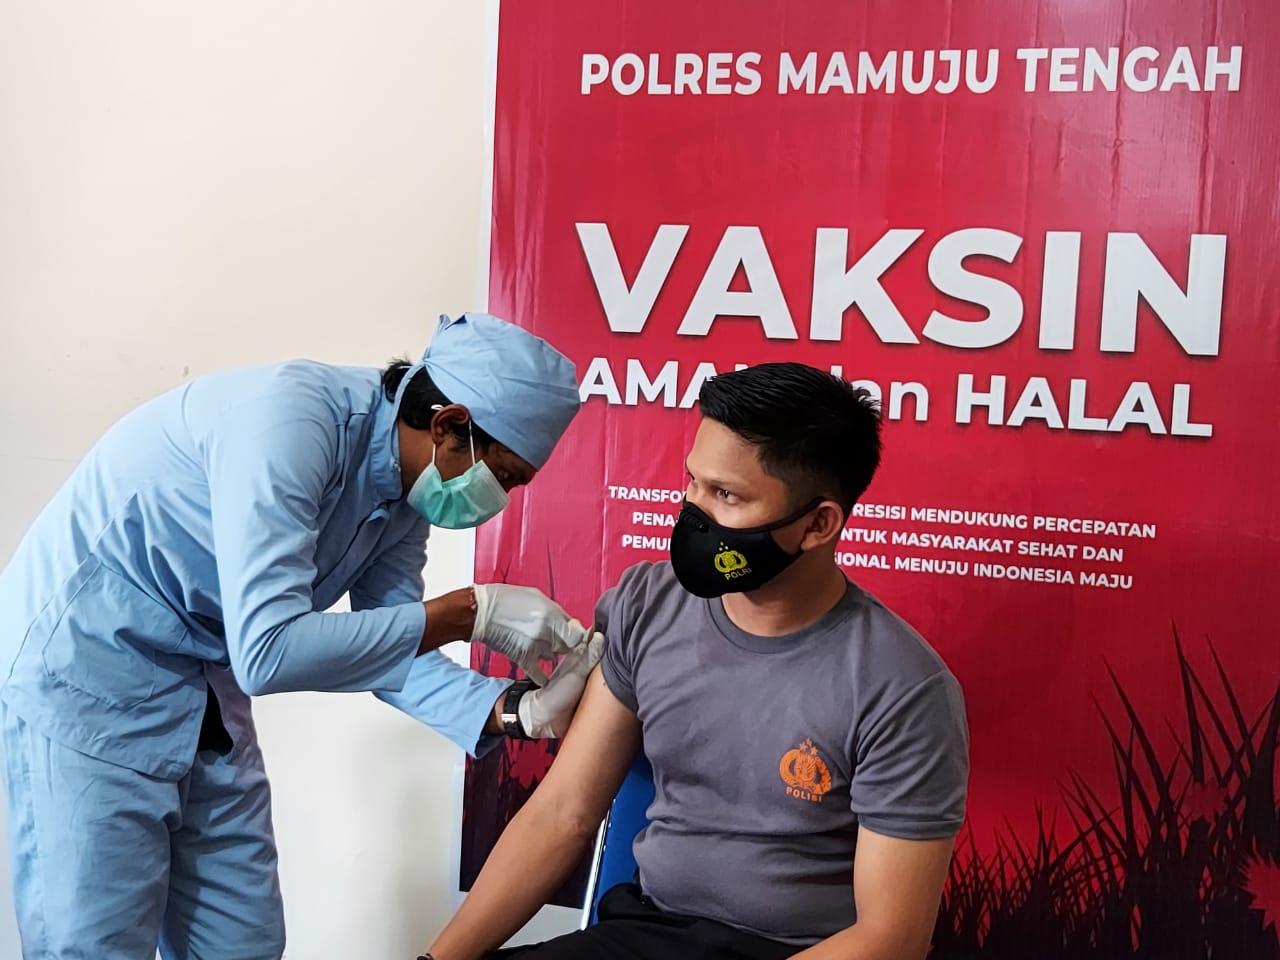 Polres Mamuju Tengah Gelar Vaksinasi Massal Serentak di Seluruh Indonesia